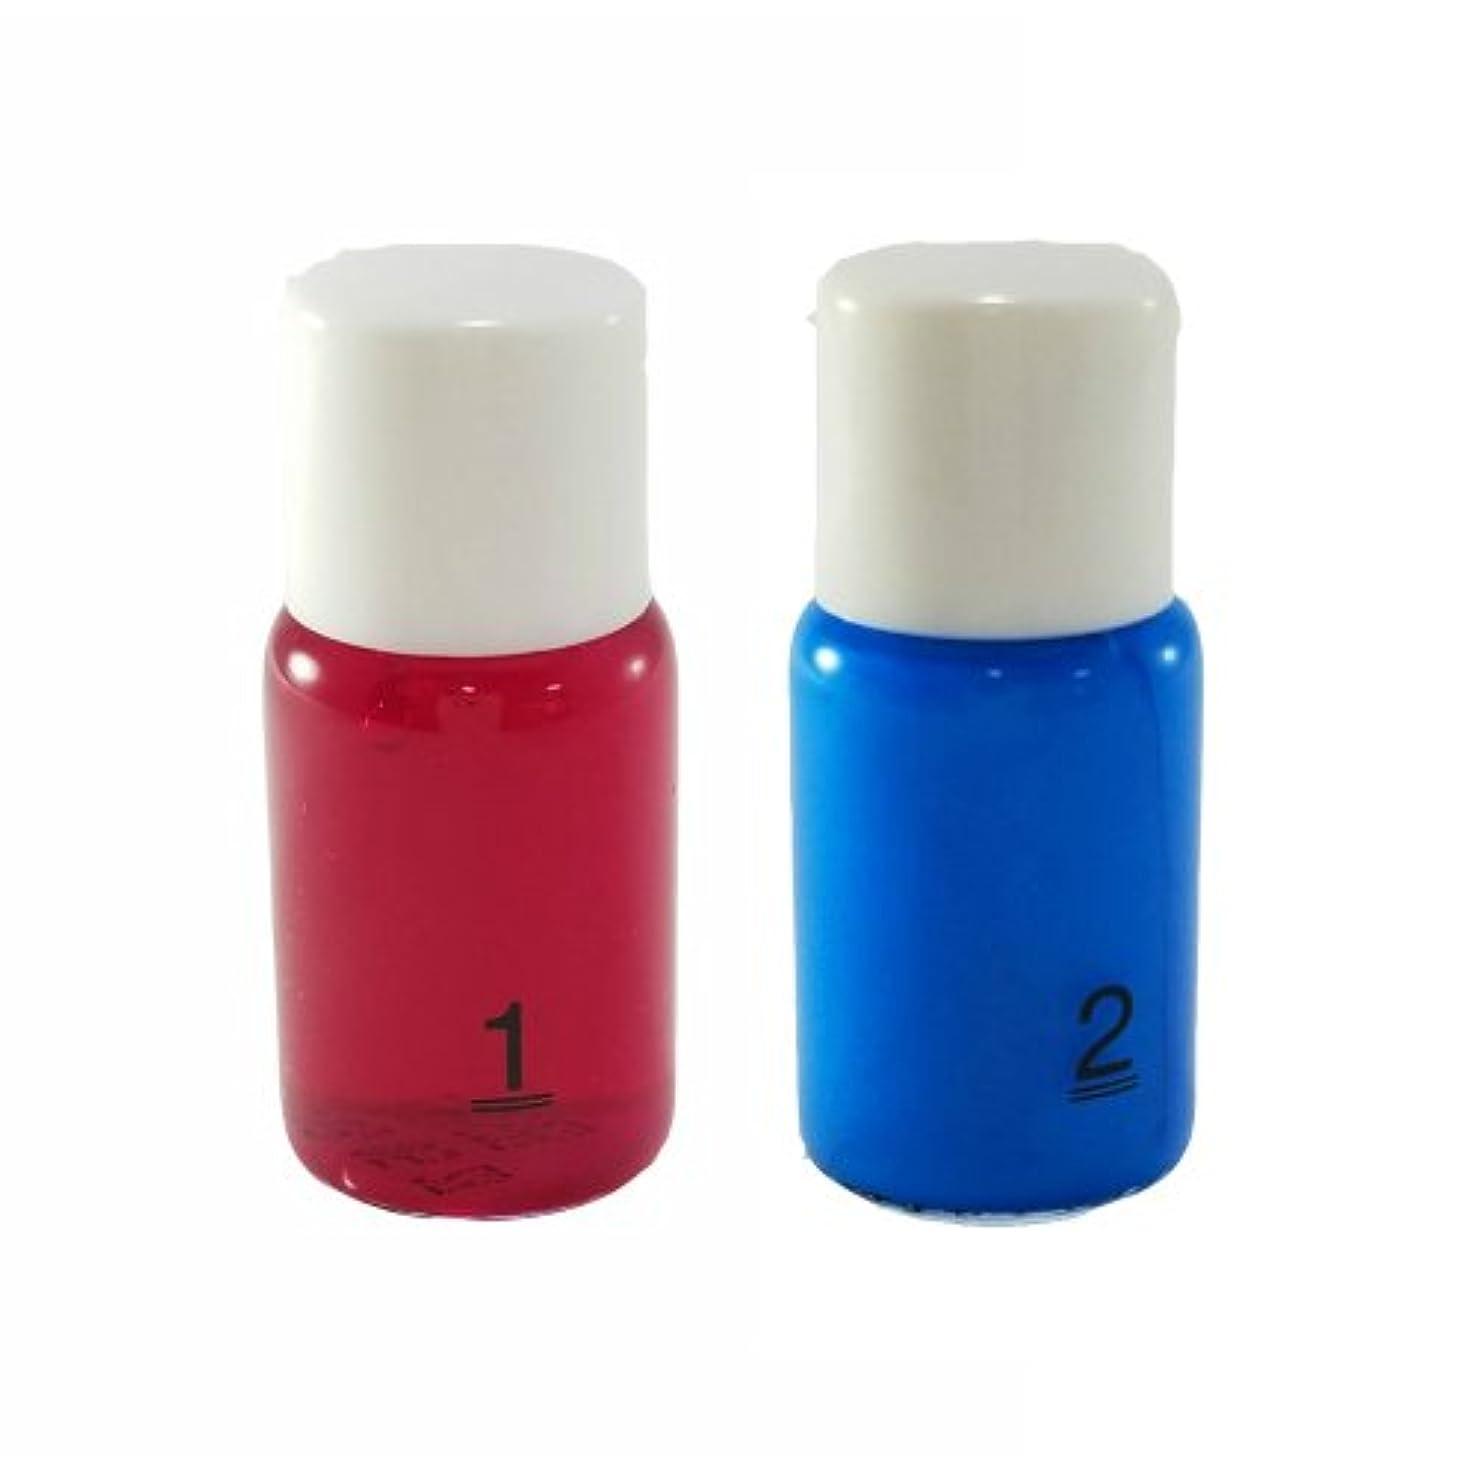 ライター可能にする干ばつSULIAセット(つけまつ毛用)